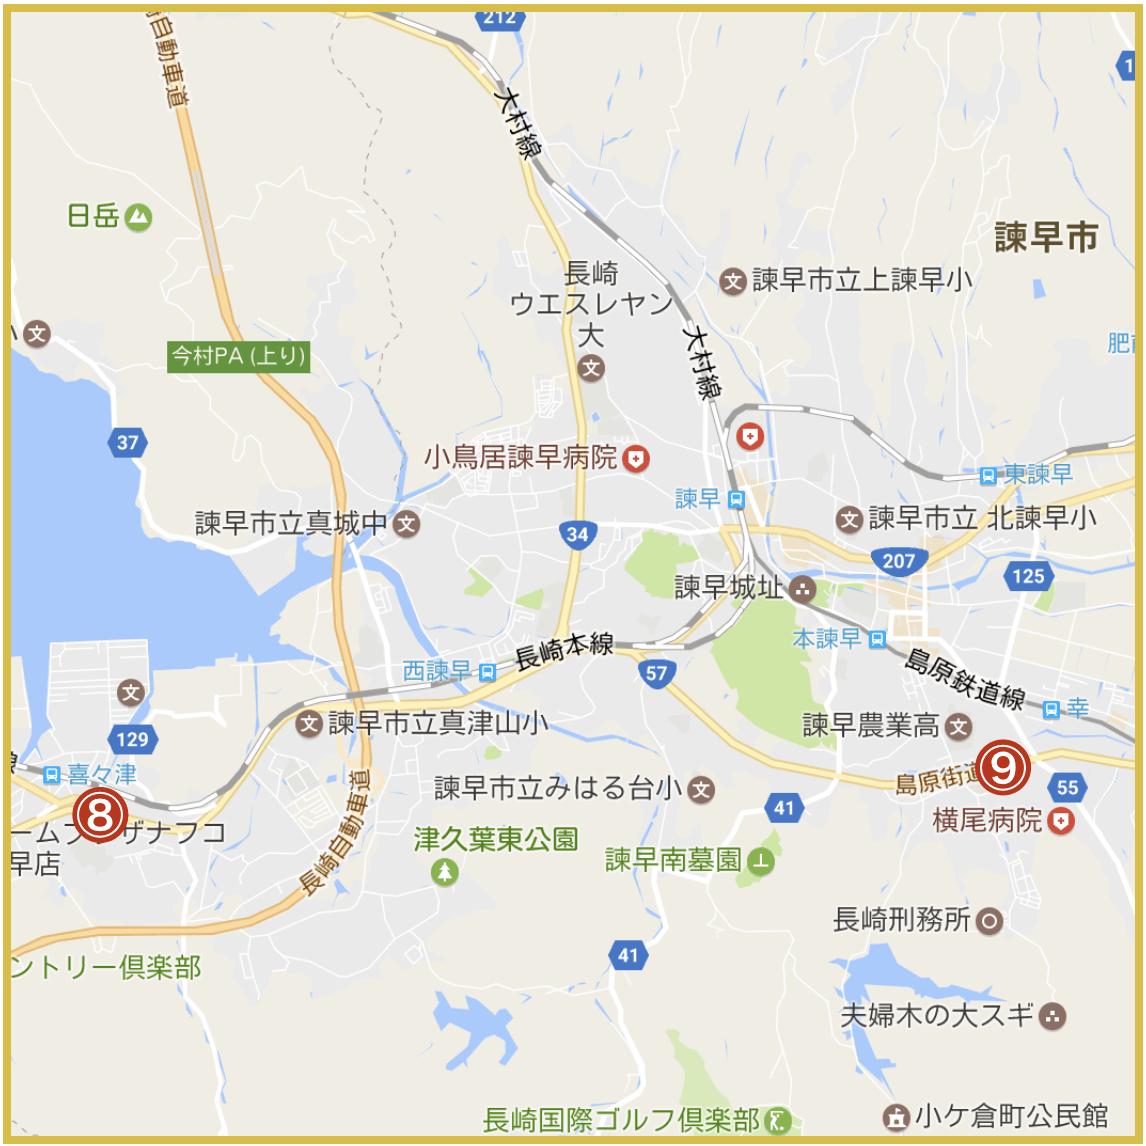 長崎県諌早市にあるアイフル店舗・ATMの位置